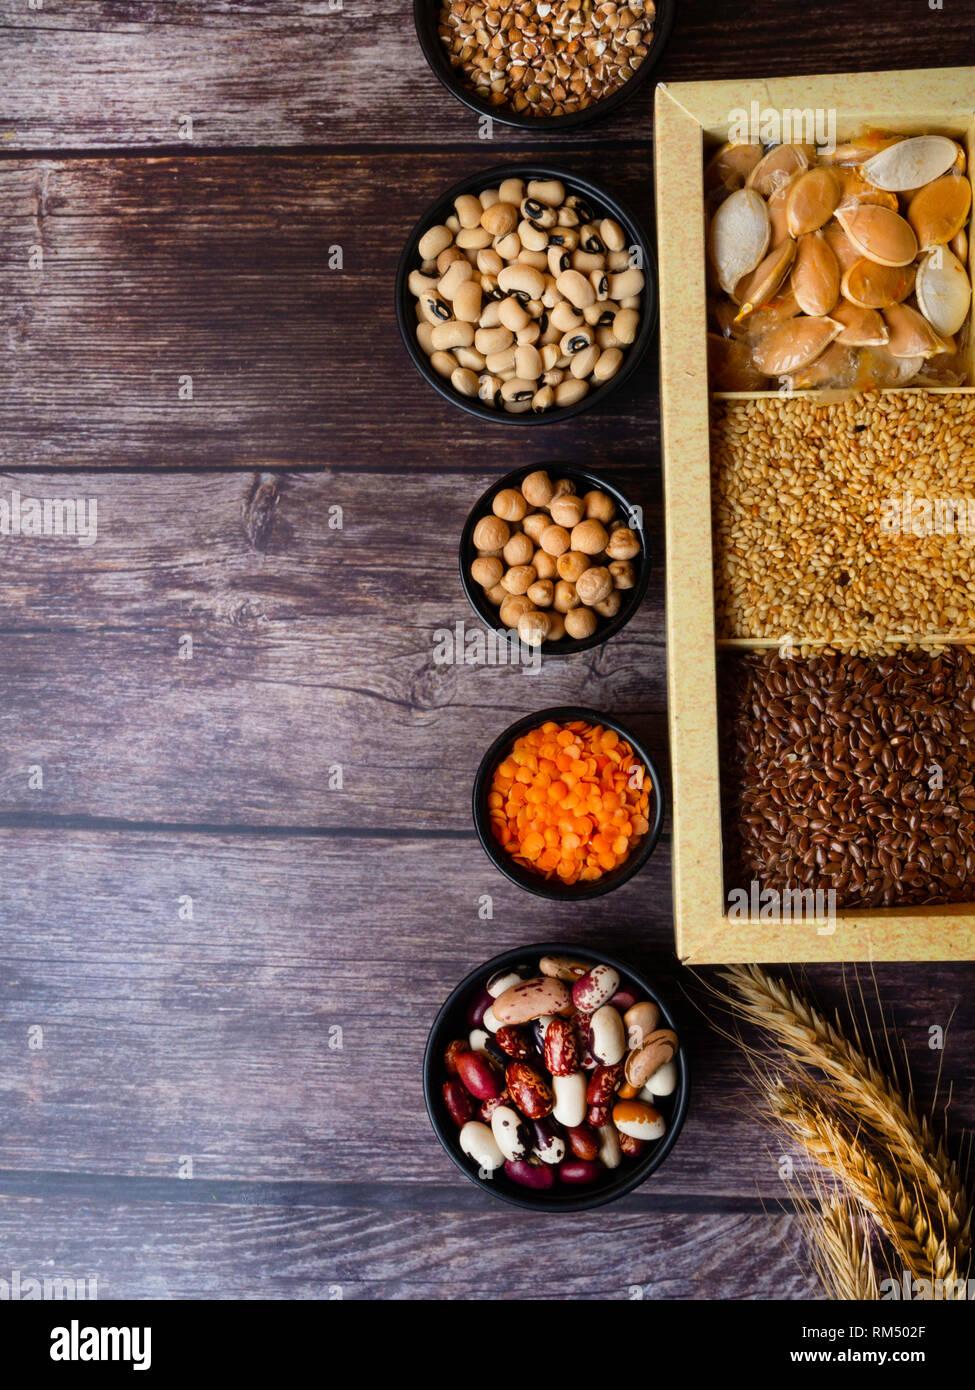 Les graines de haricots, lentilles, pois sur table en bois sain, riche en fibres alimentaires, les aliments riches en vitamine A, E, B, K, Mg, calcium, phosphore, fer, acide folique et Photo Stock